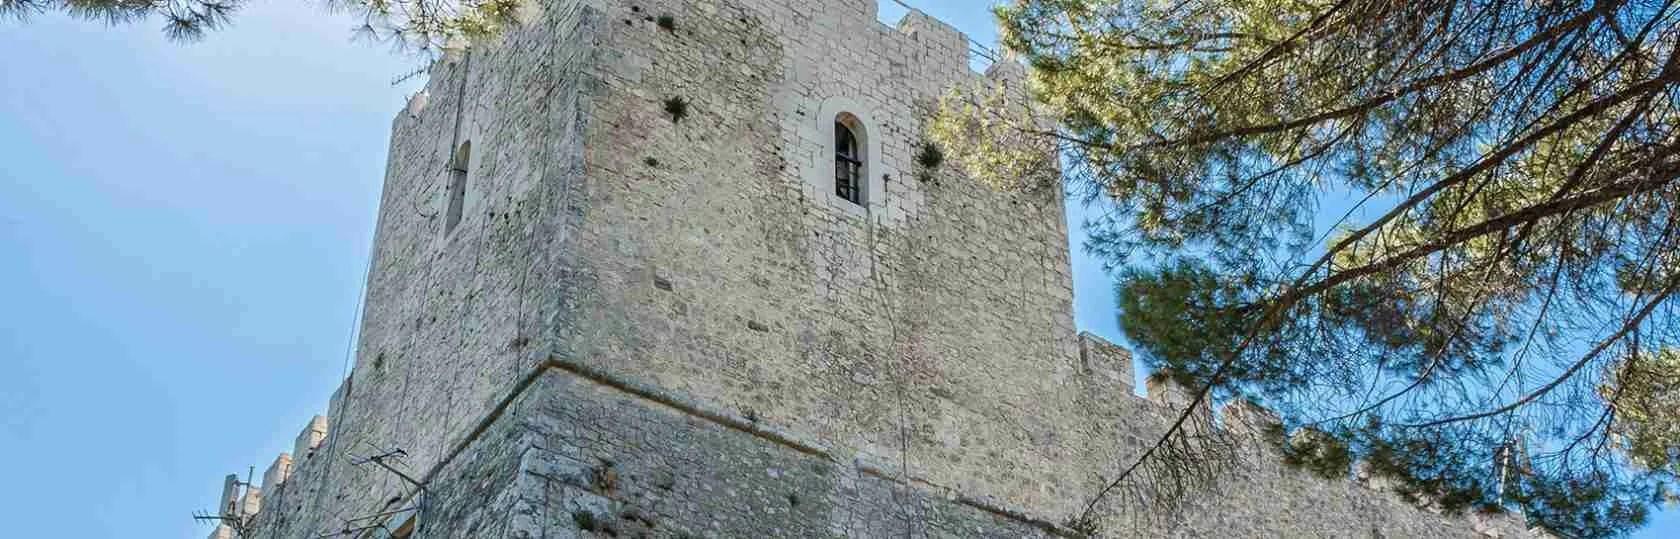 Le escort Campobasso appena arrivano in città visitano il meraviglioso Castello di Monforte, bellezza imperdibile anche per loro.